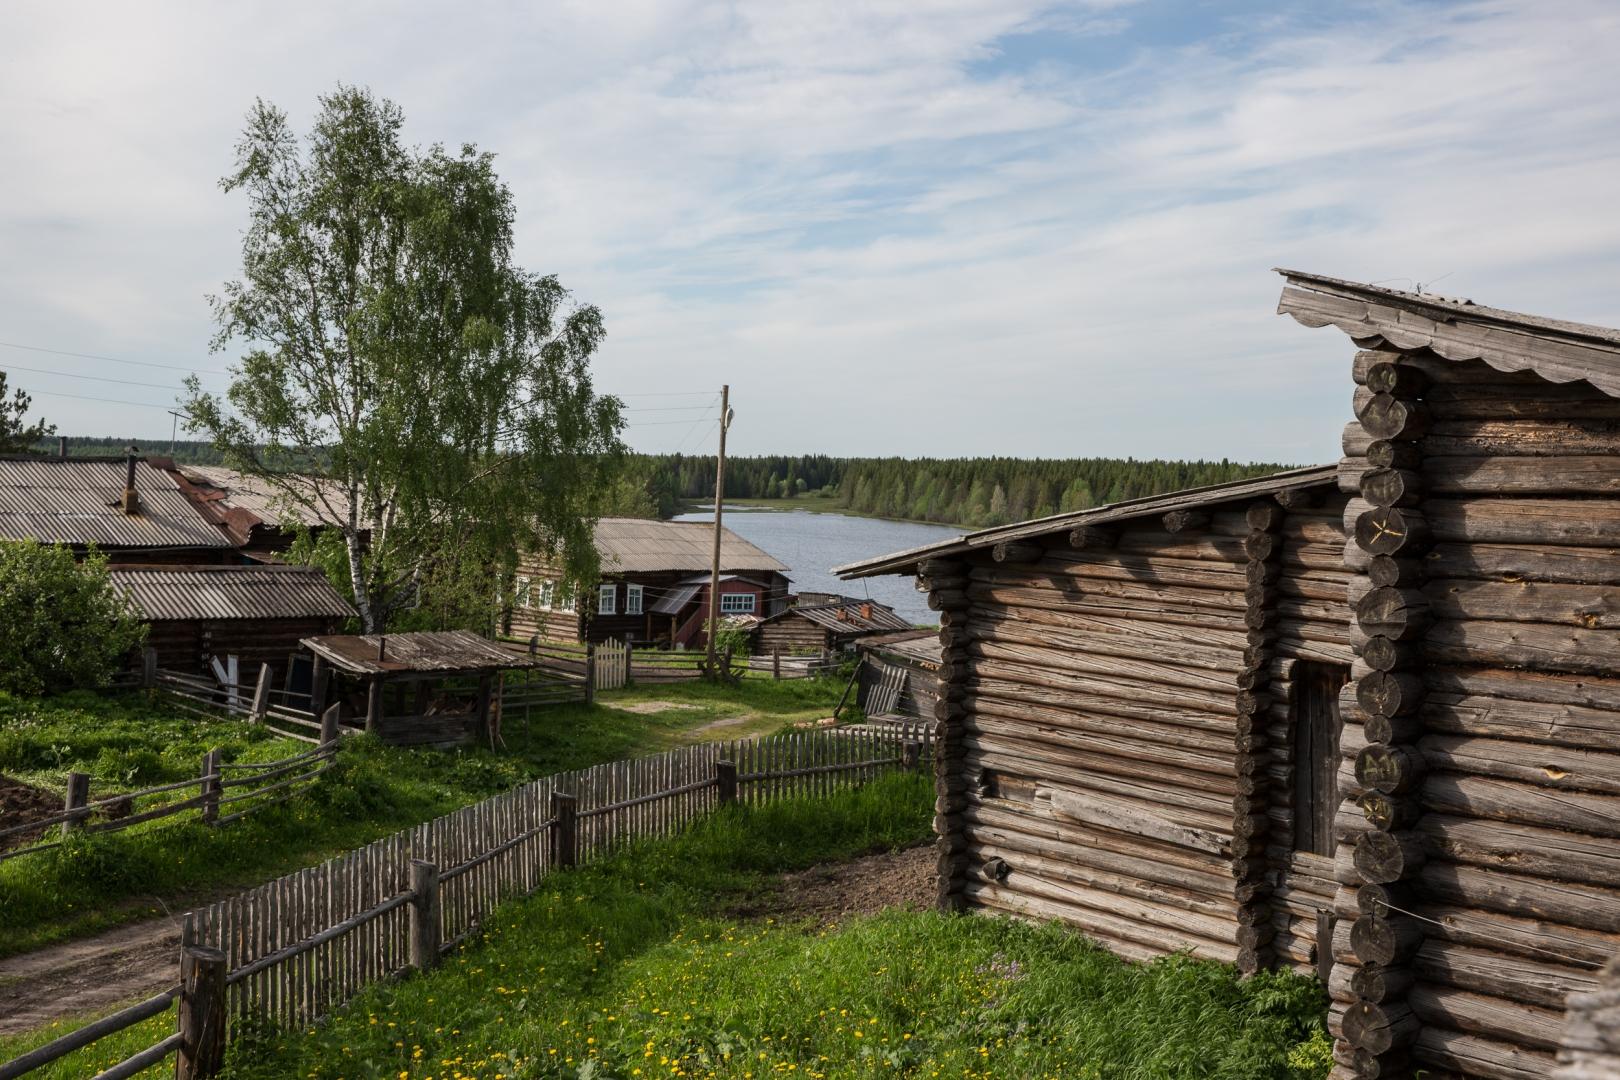 Деревянные дома в селе Керчомье. На берегу озера Вад. Дом на переднем плане построен больше 100 лет назад